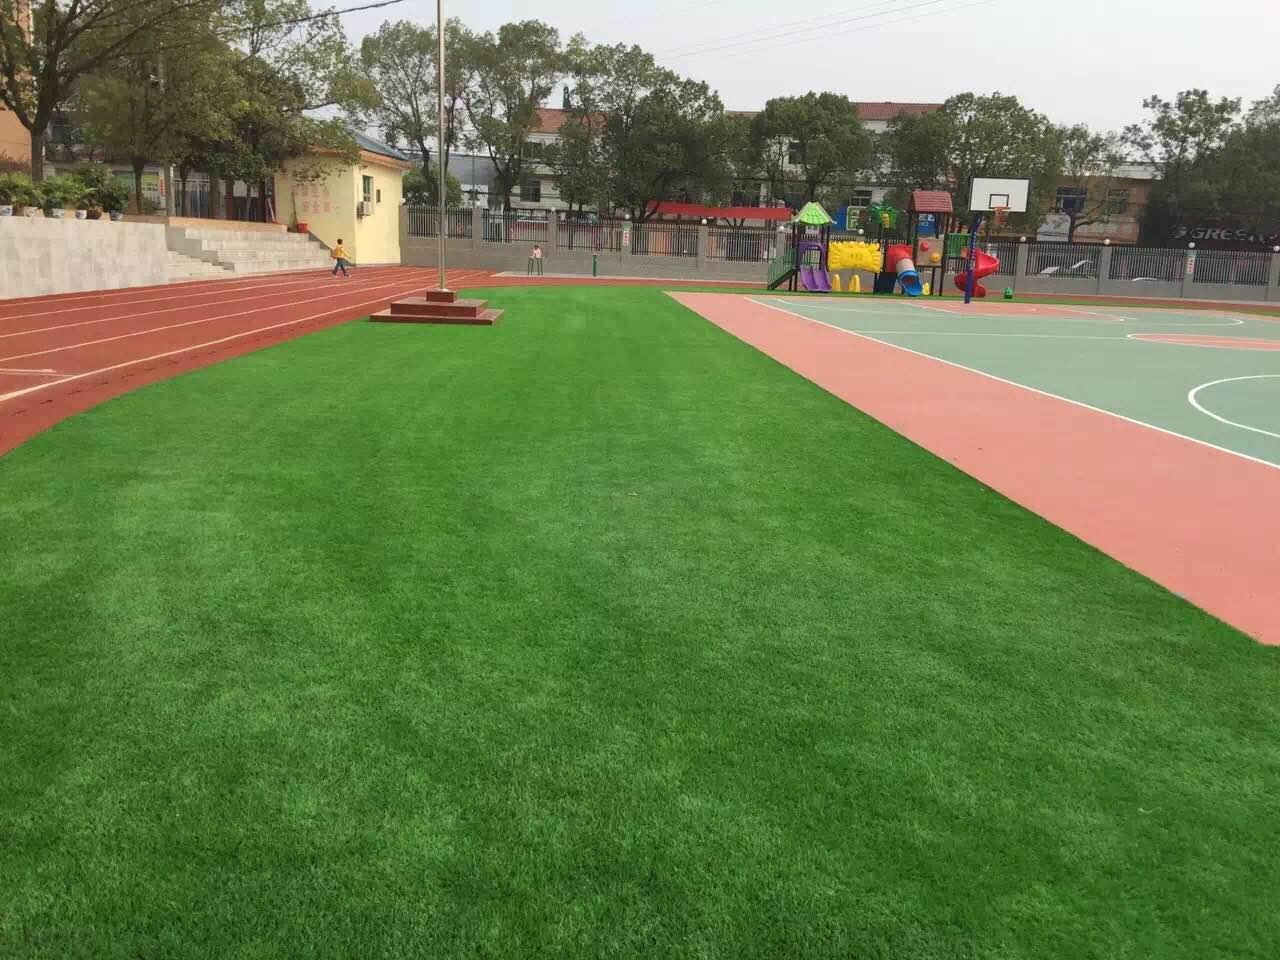 福建pvc地板品牌 福建健业体育设施工程供应